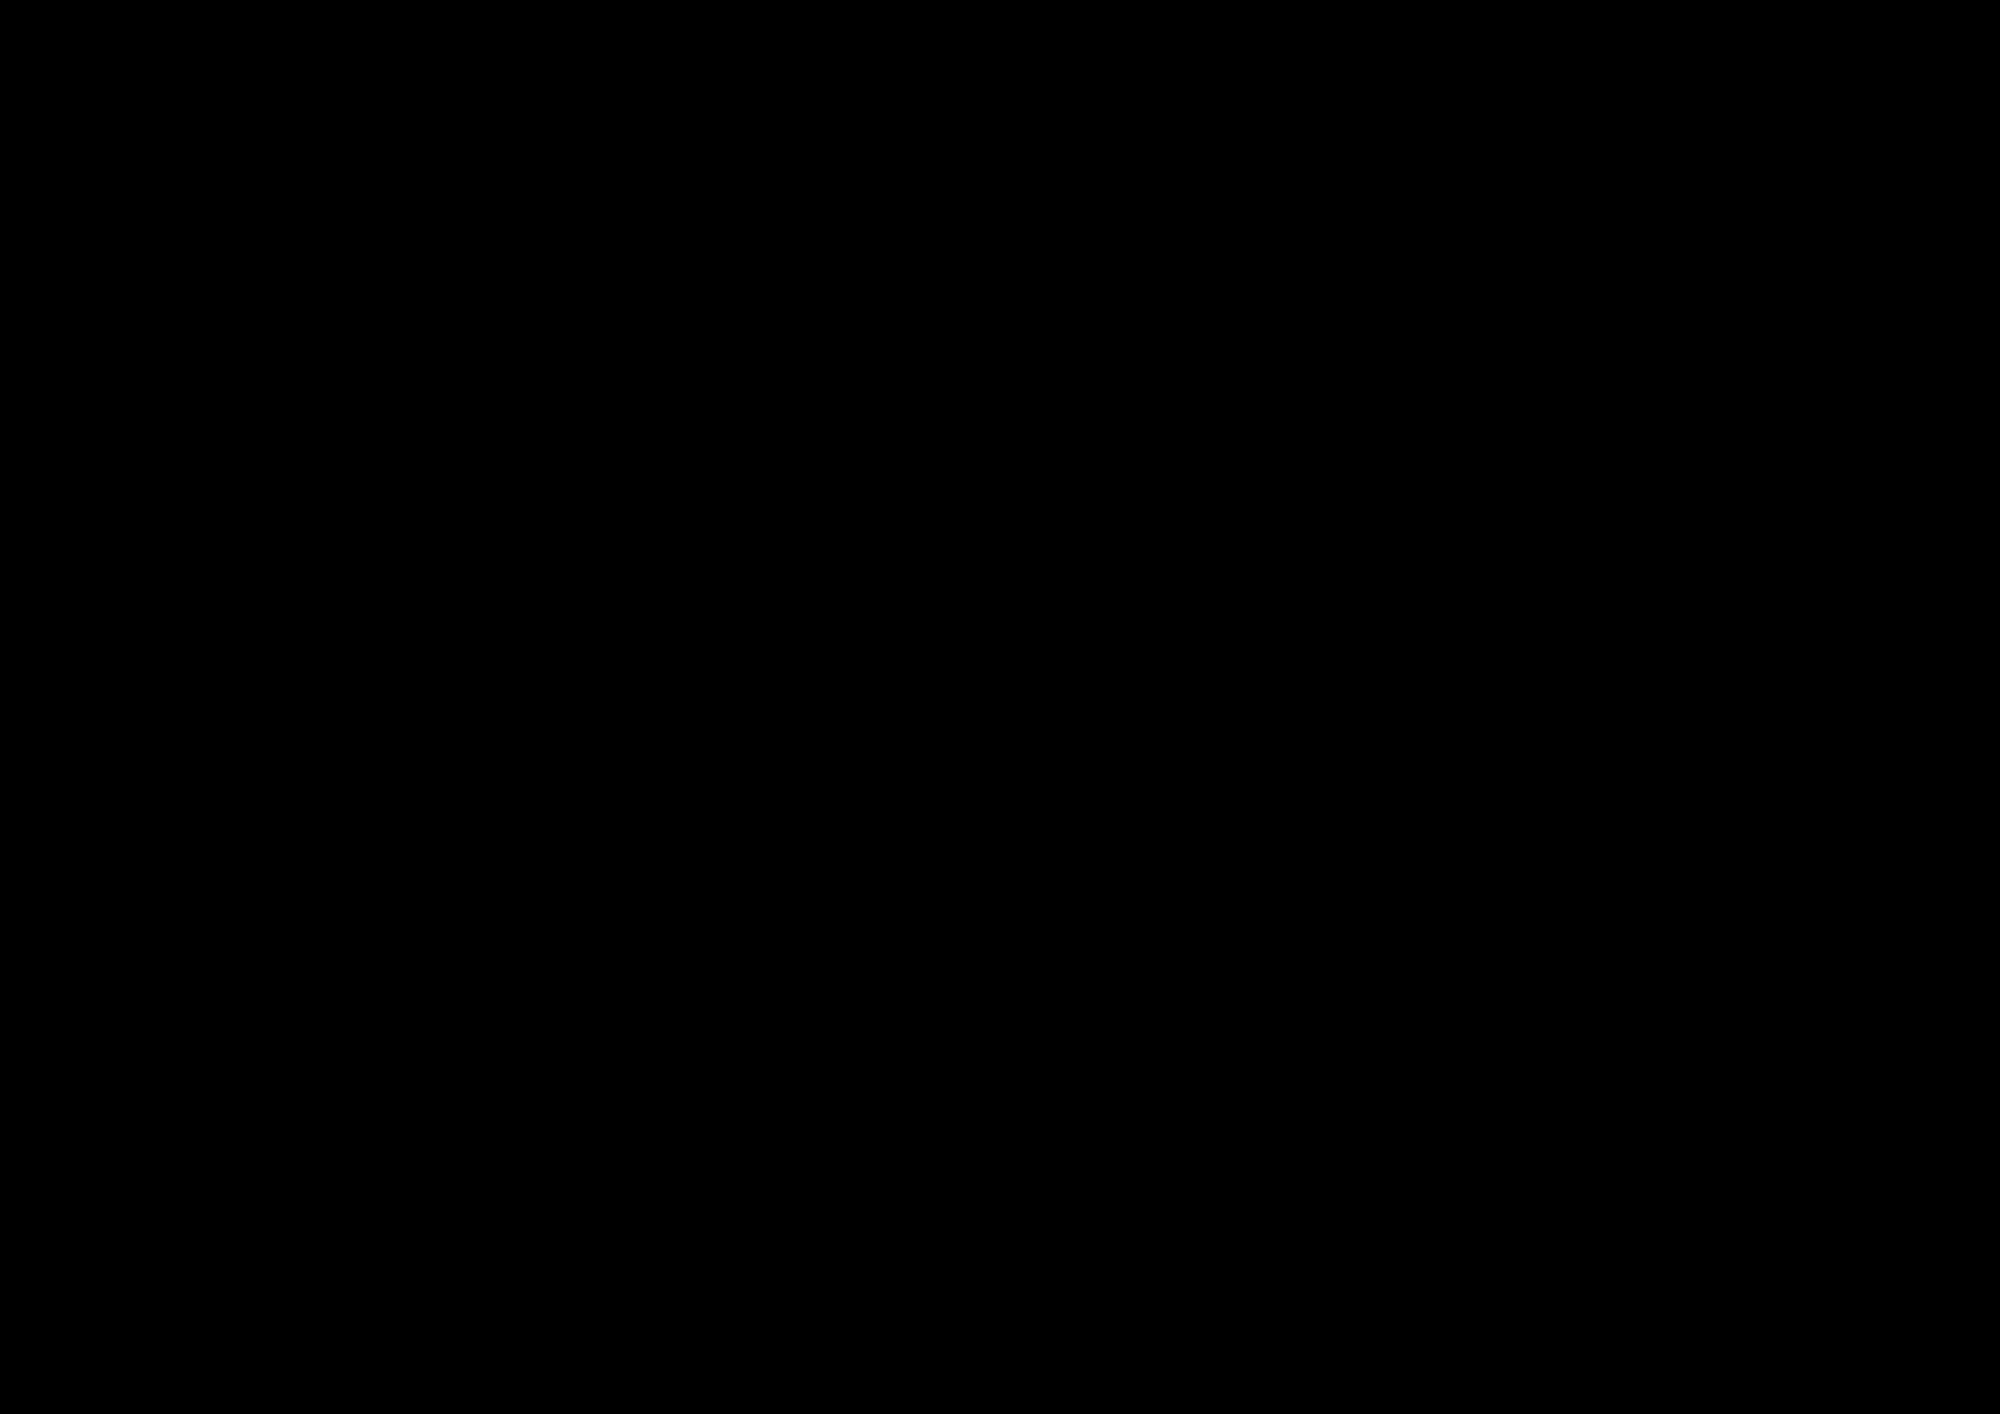 Fusion deluxe : Außen Walnuss und Schieferschwarz – innen Carbongrau